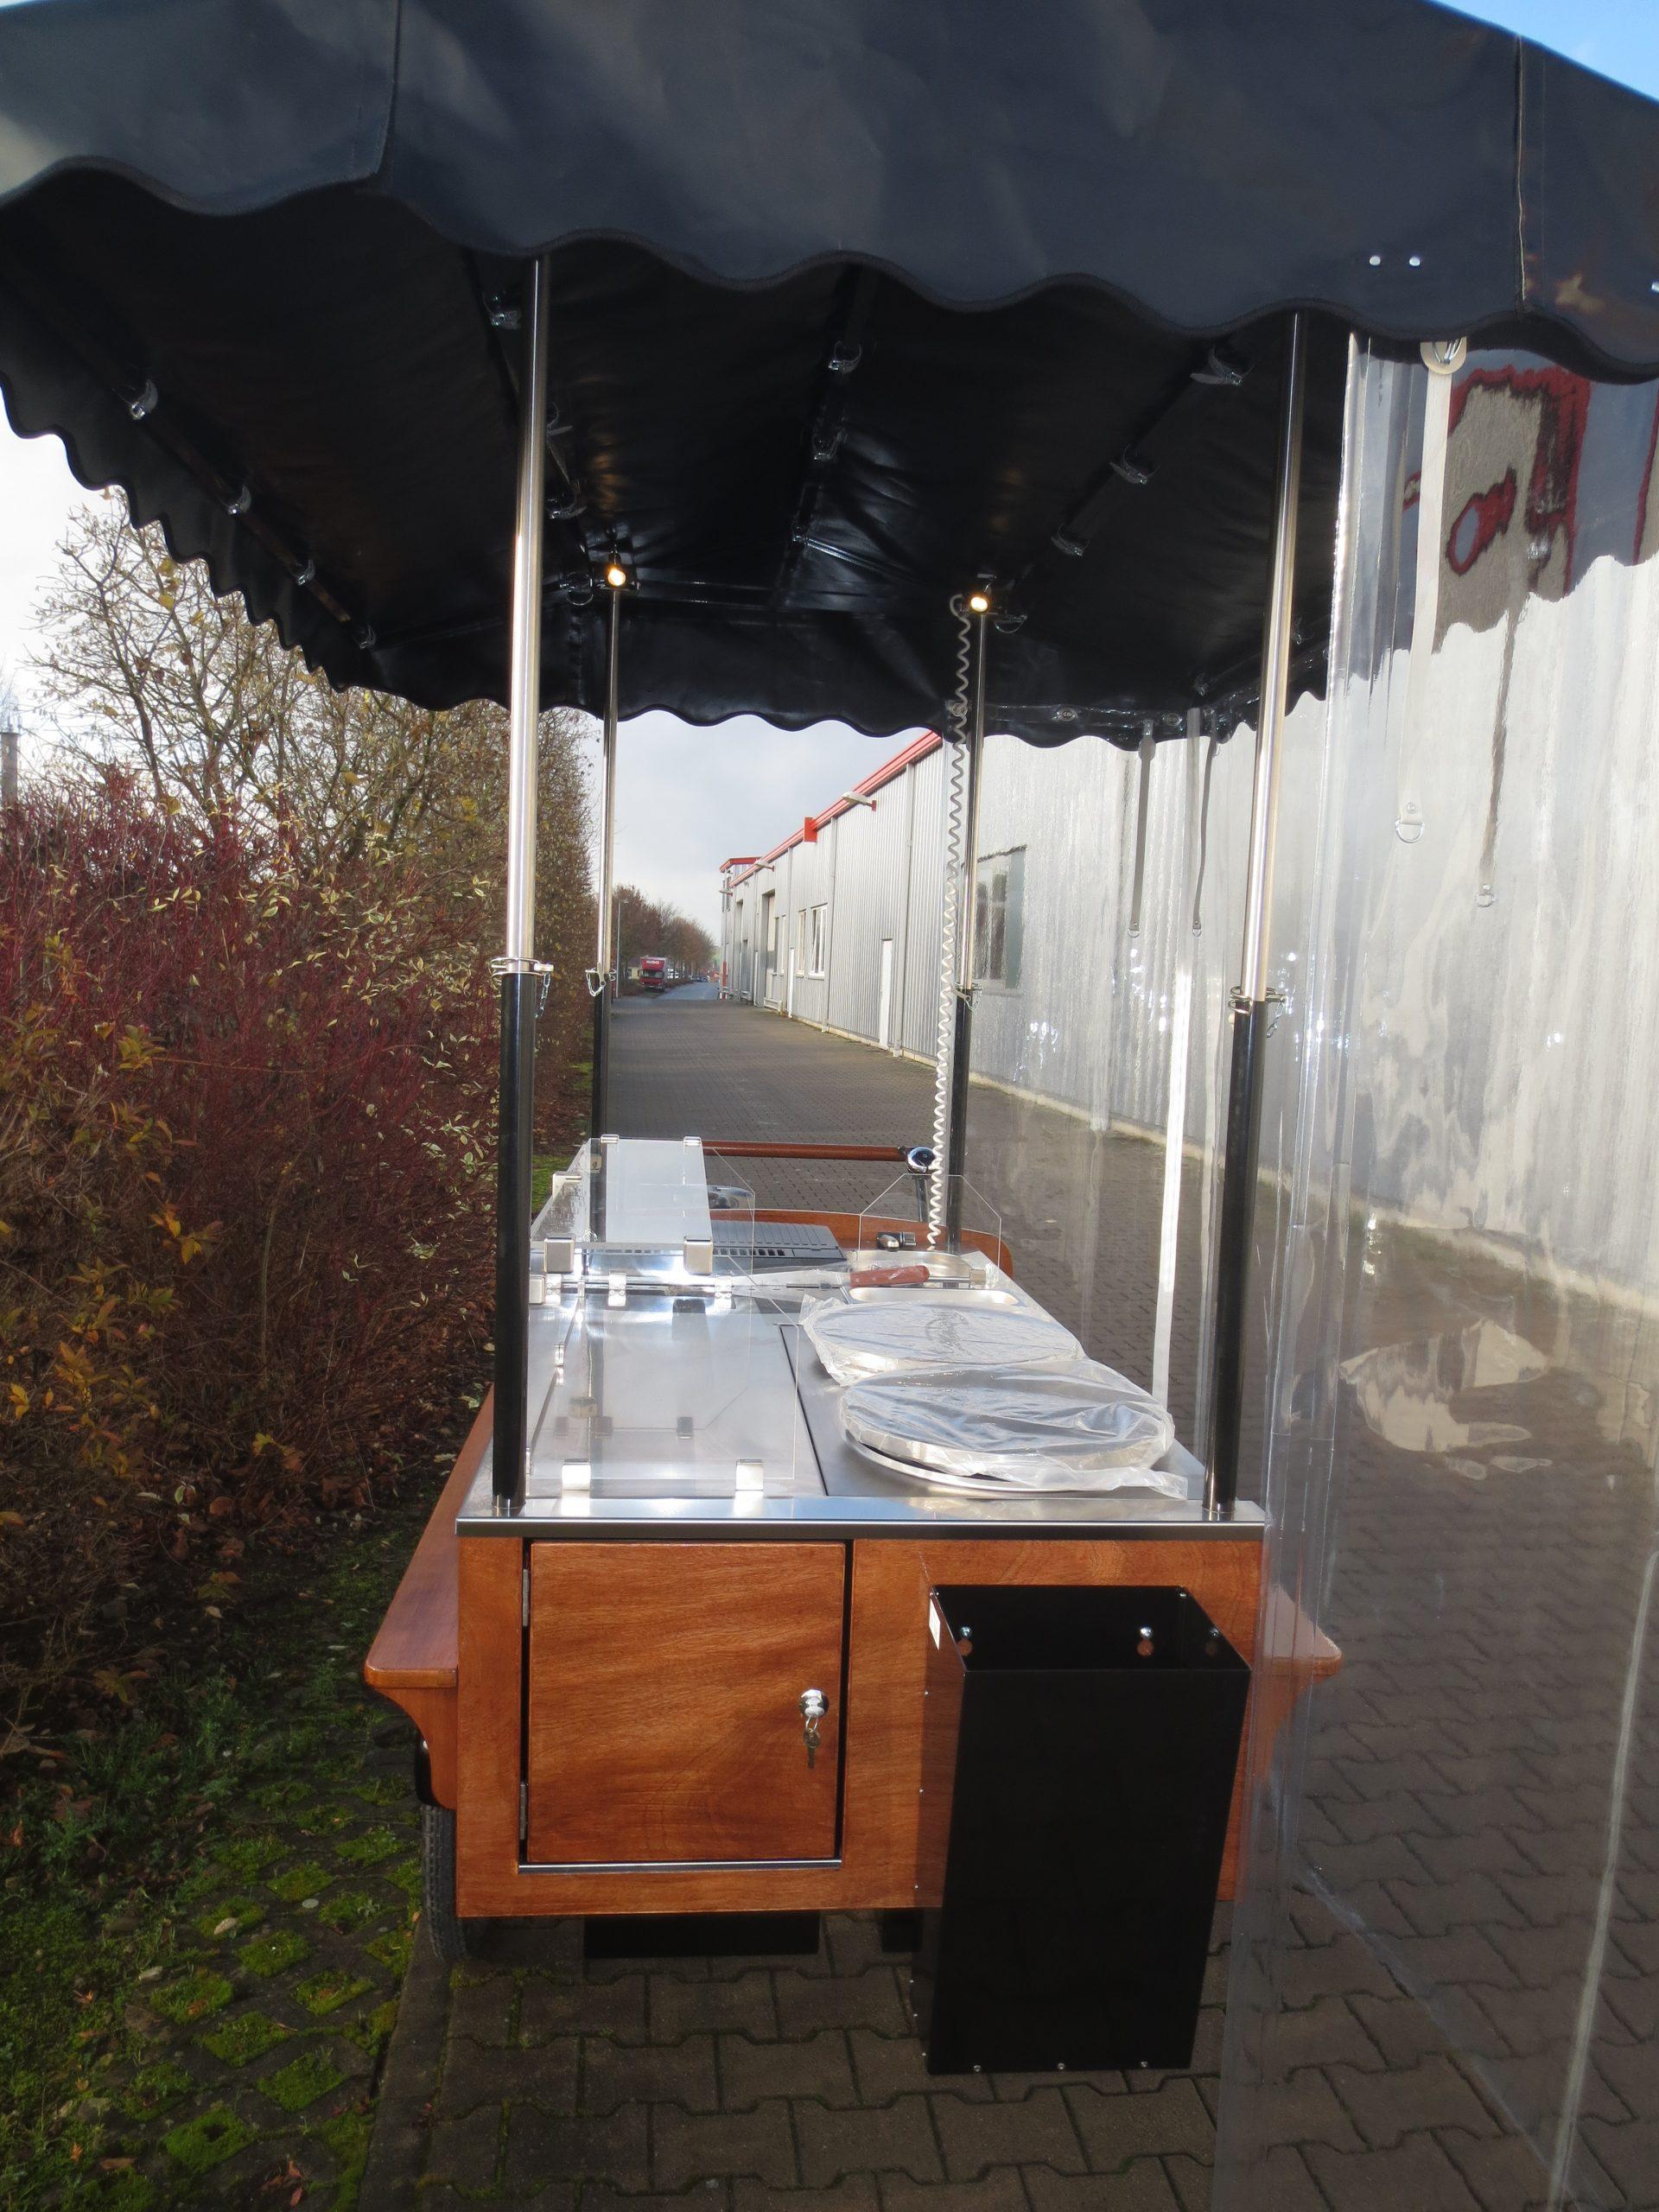 Eiswagen Eisstand Eis Verkaufswagen Verkaufsstand Eismobil grillfahrrad, Verkaufsfahrrad, crepesfahrrad, grillbike, foodbike, food-bike.